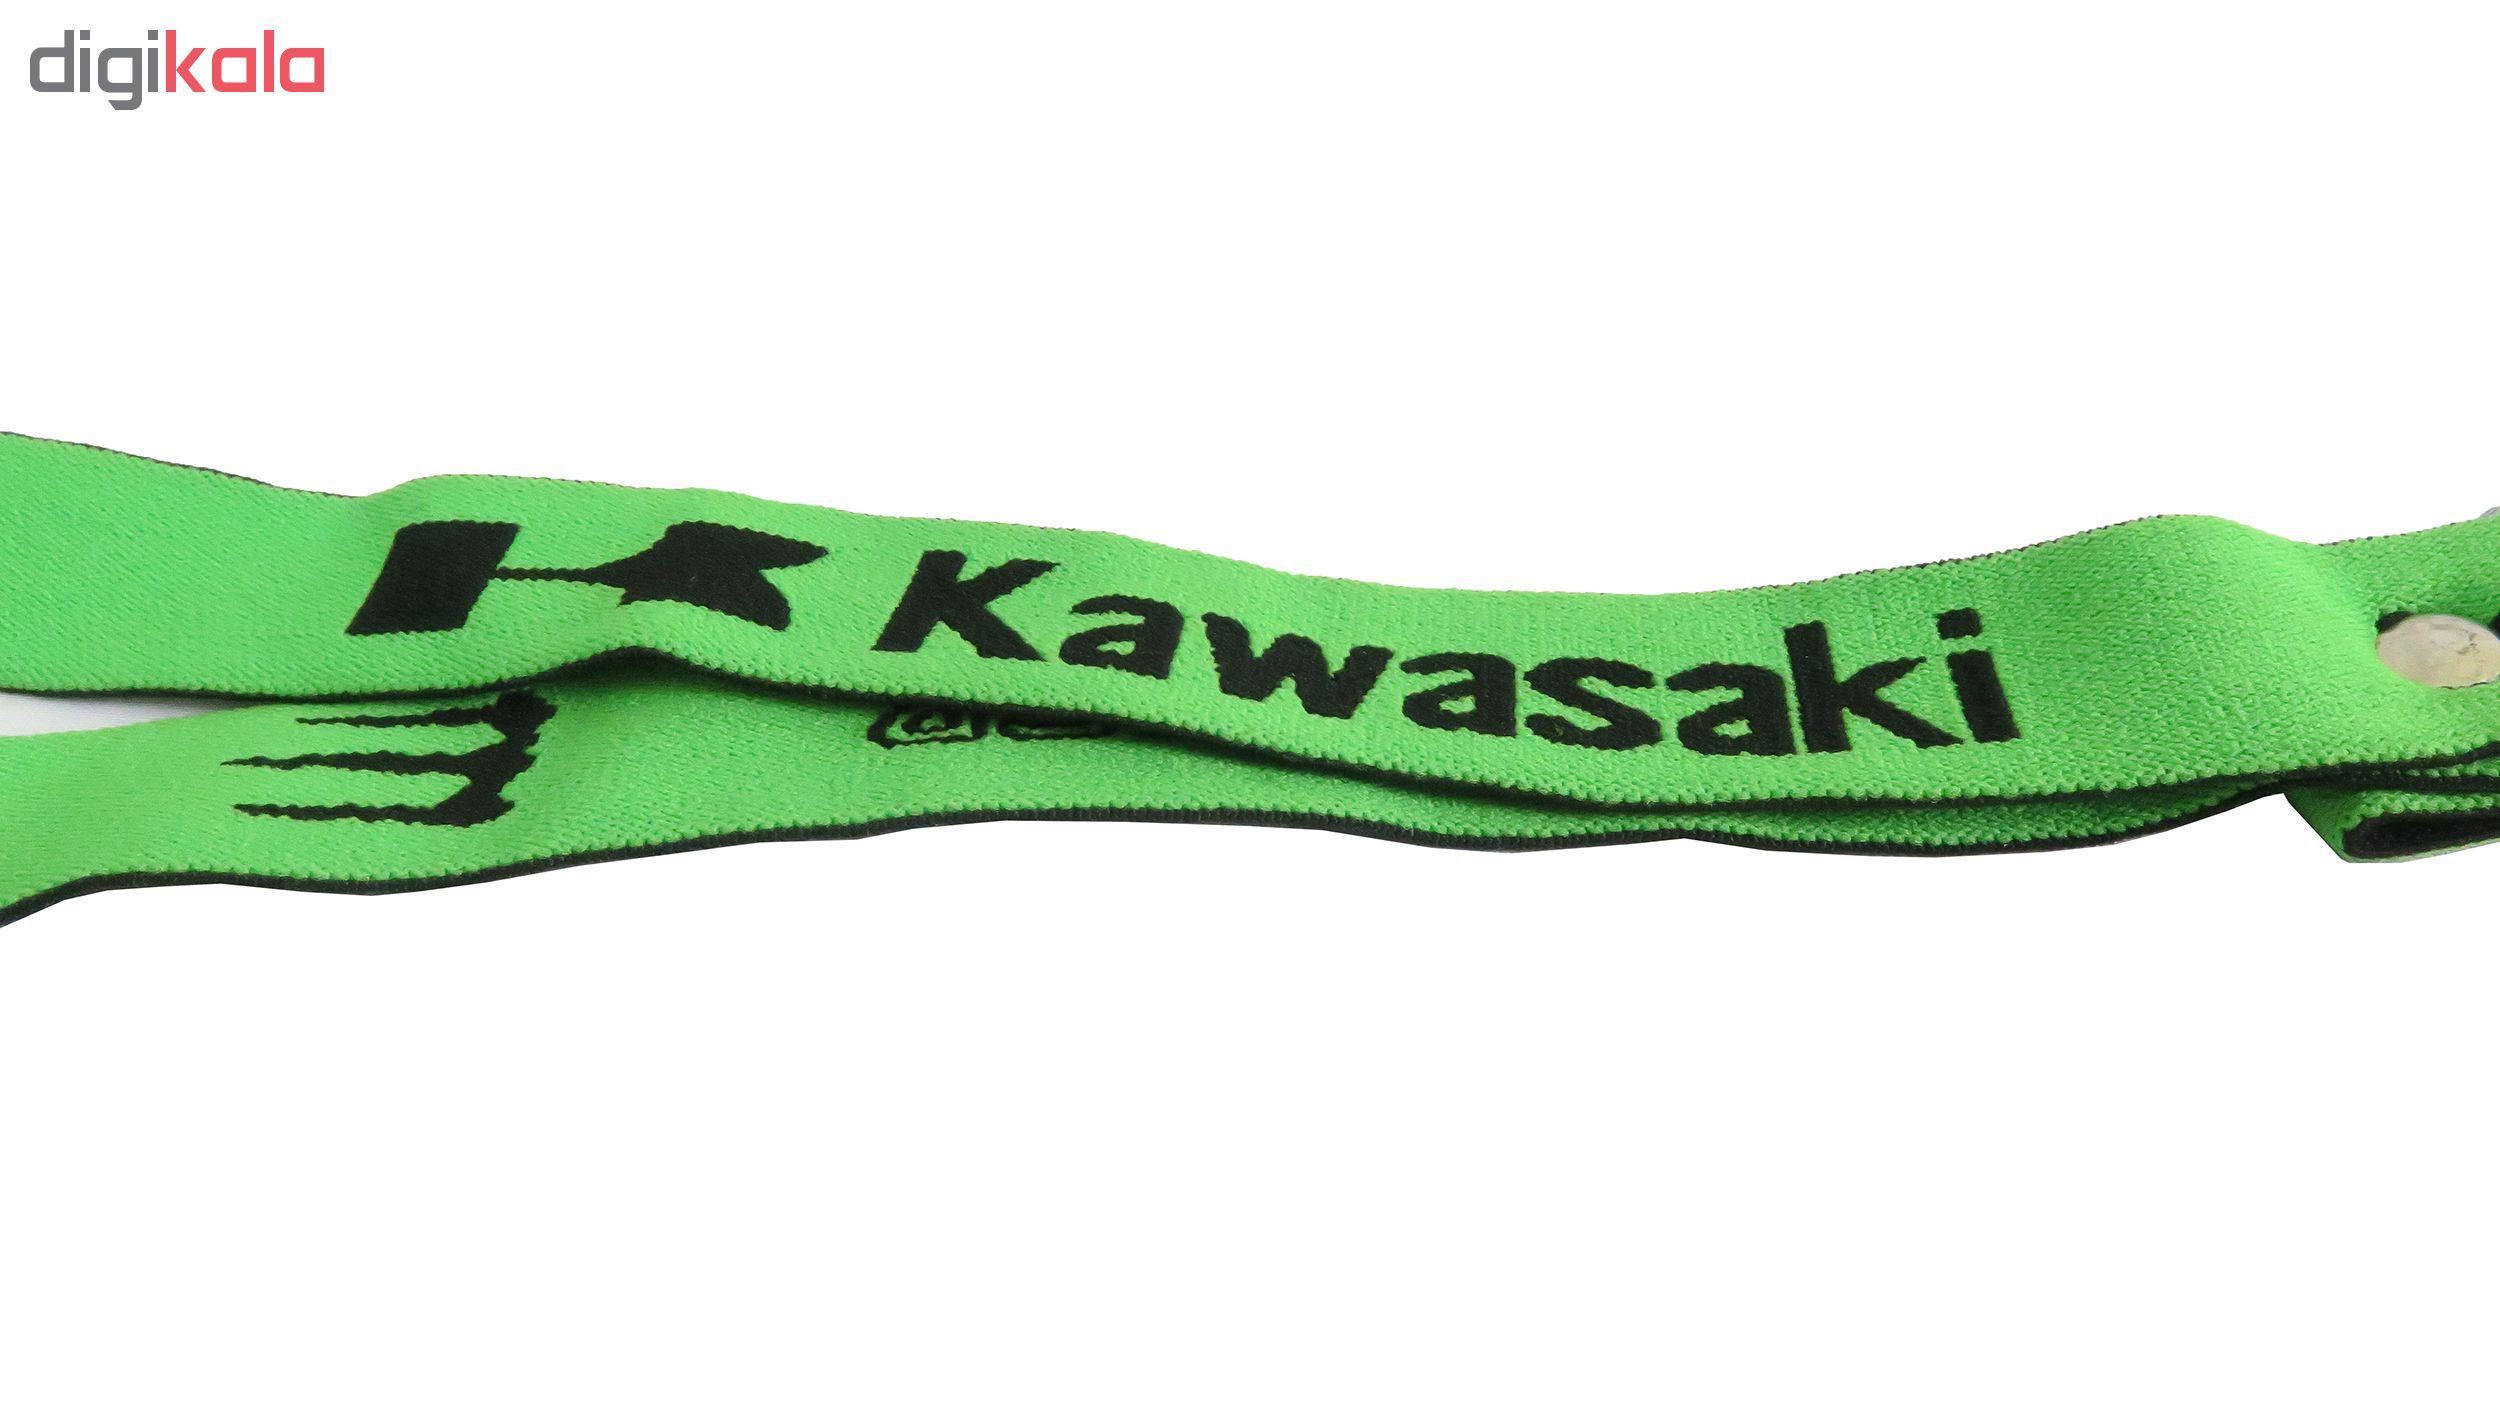 بند نگهدارنده فلش مموری طرح کاوازوکی کد 003